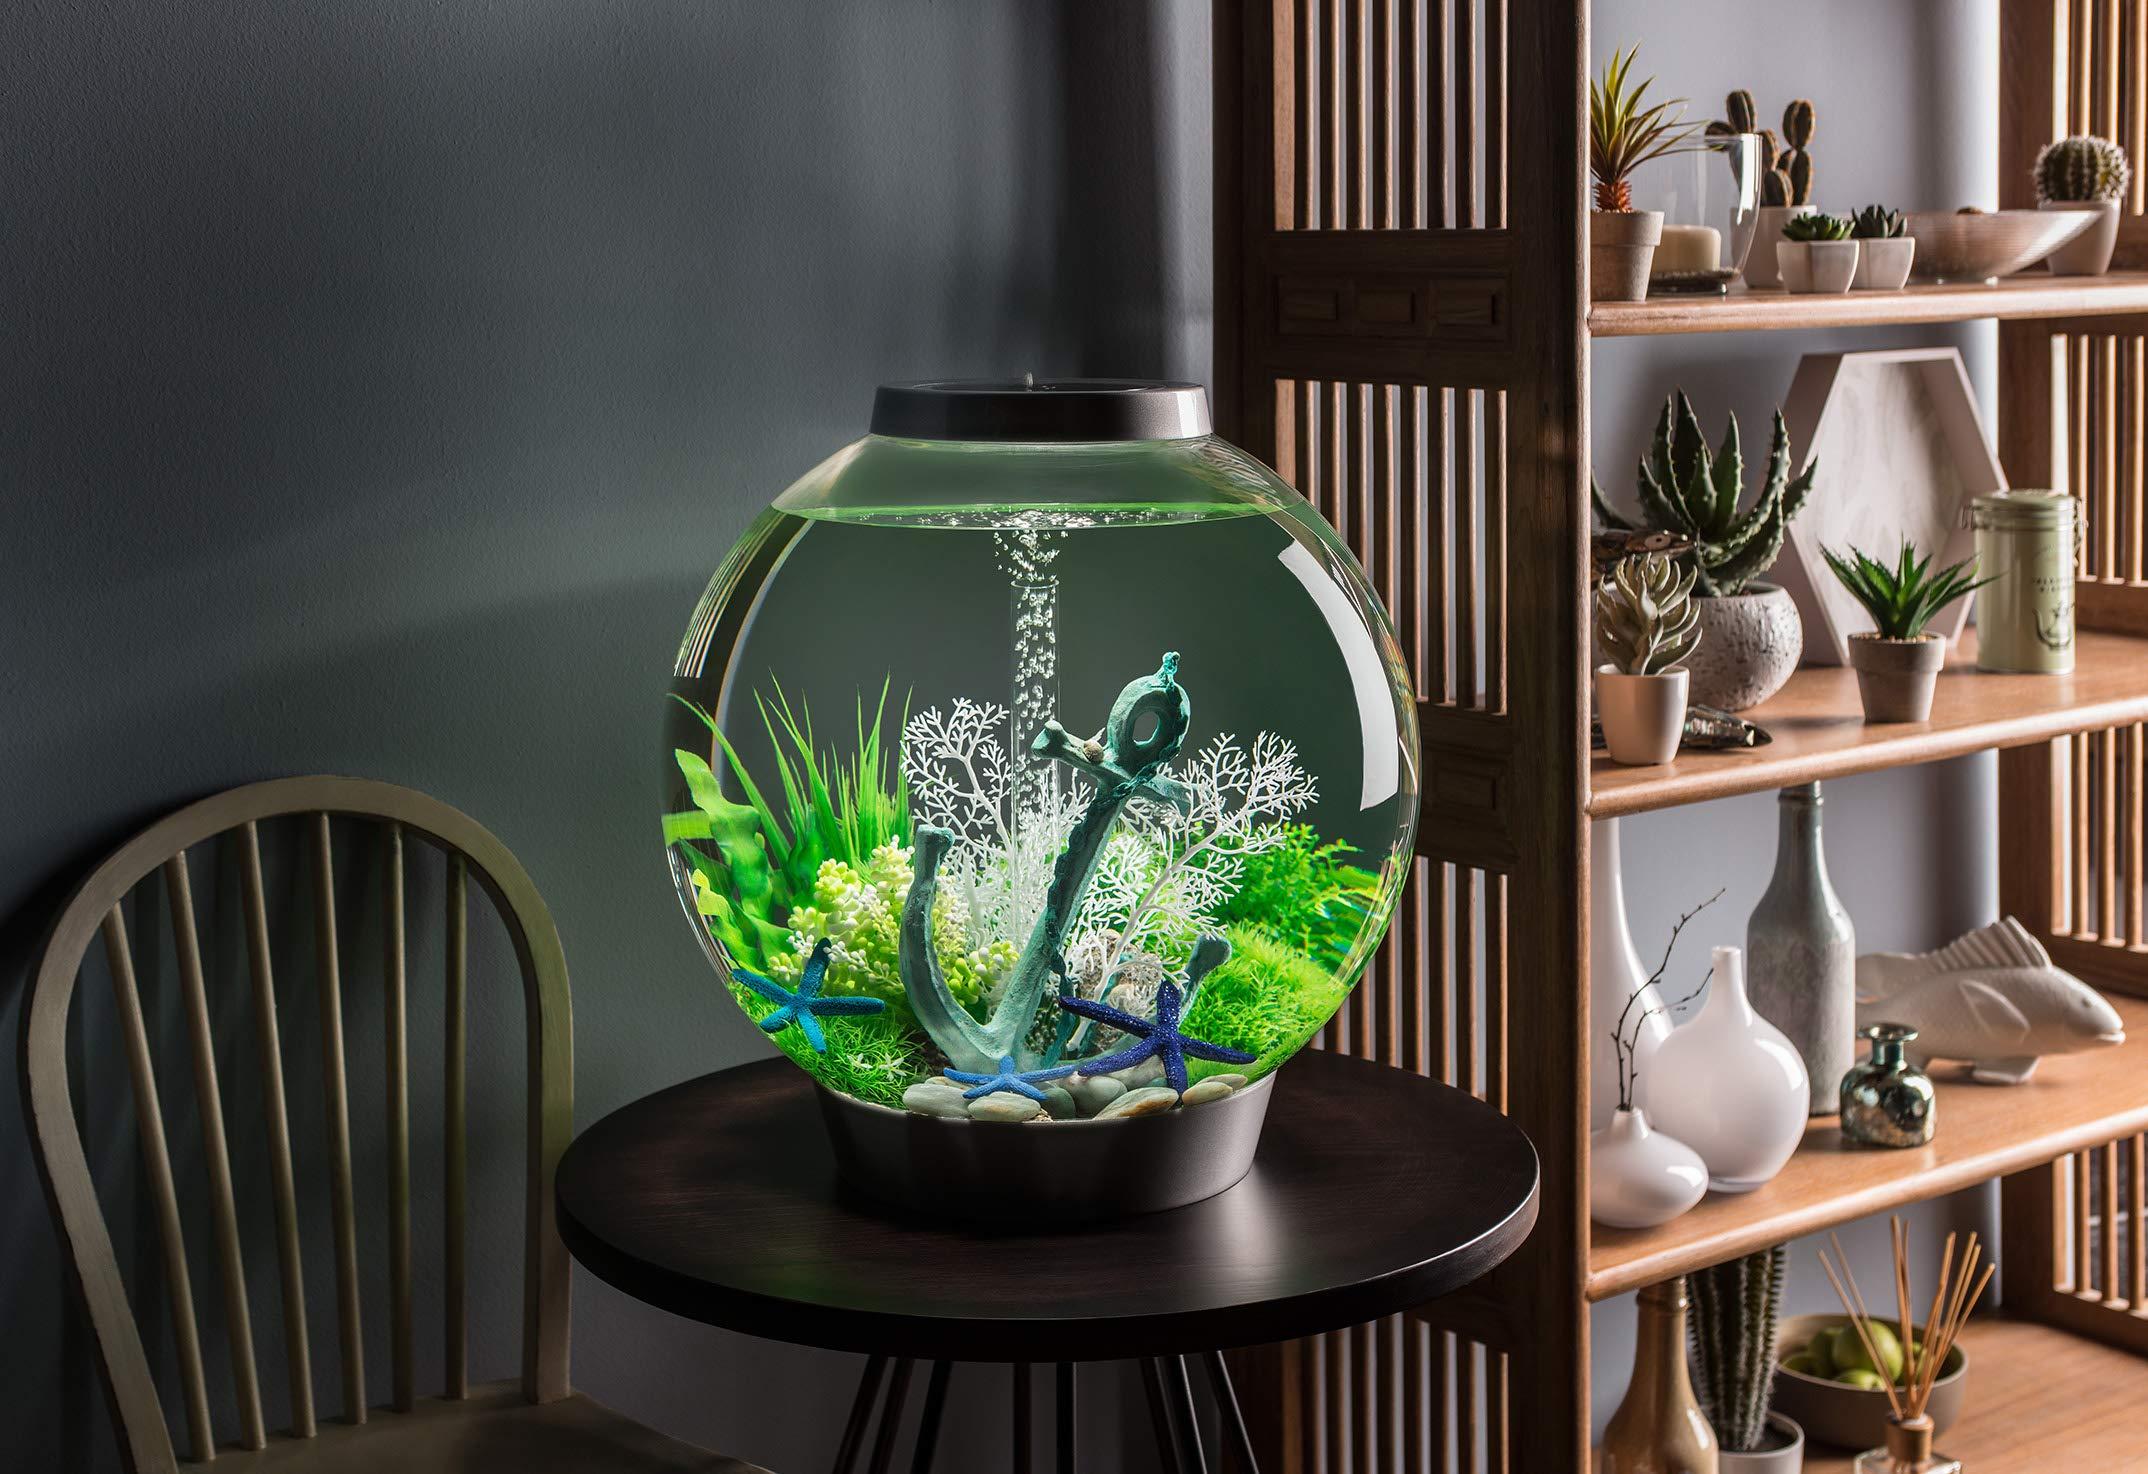 интерьеров аквариум фото для дома этого